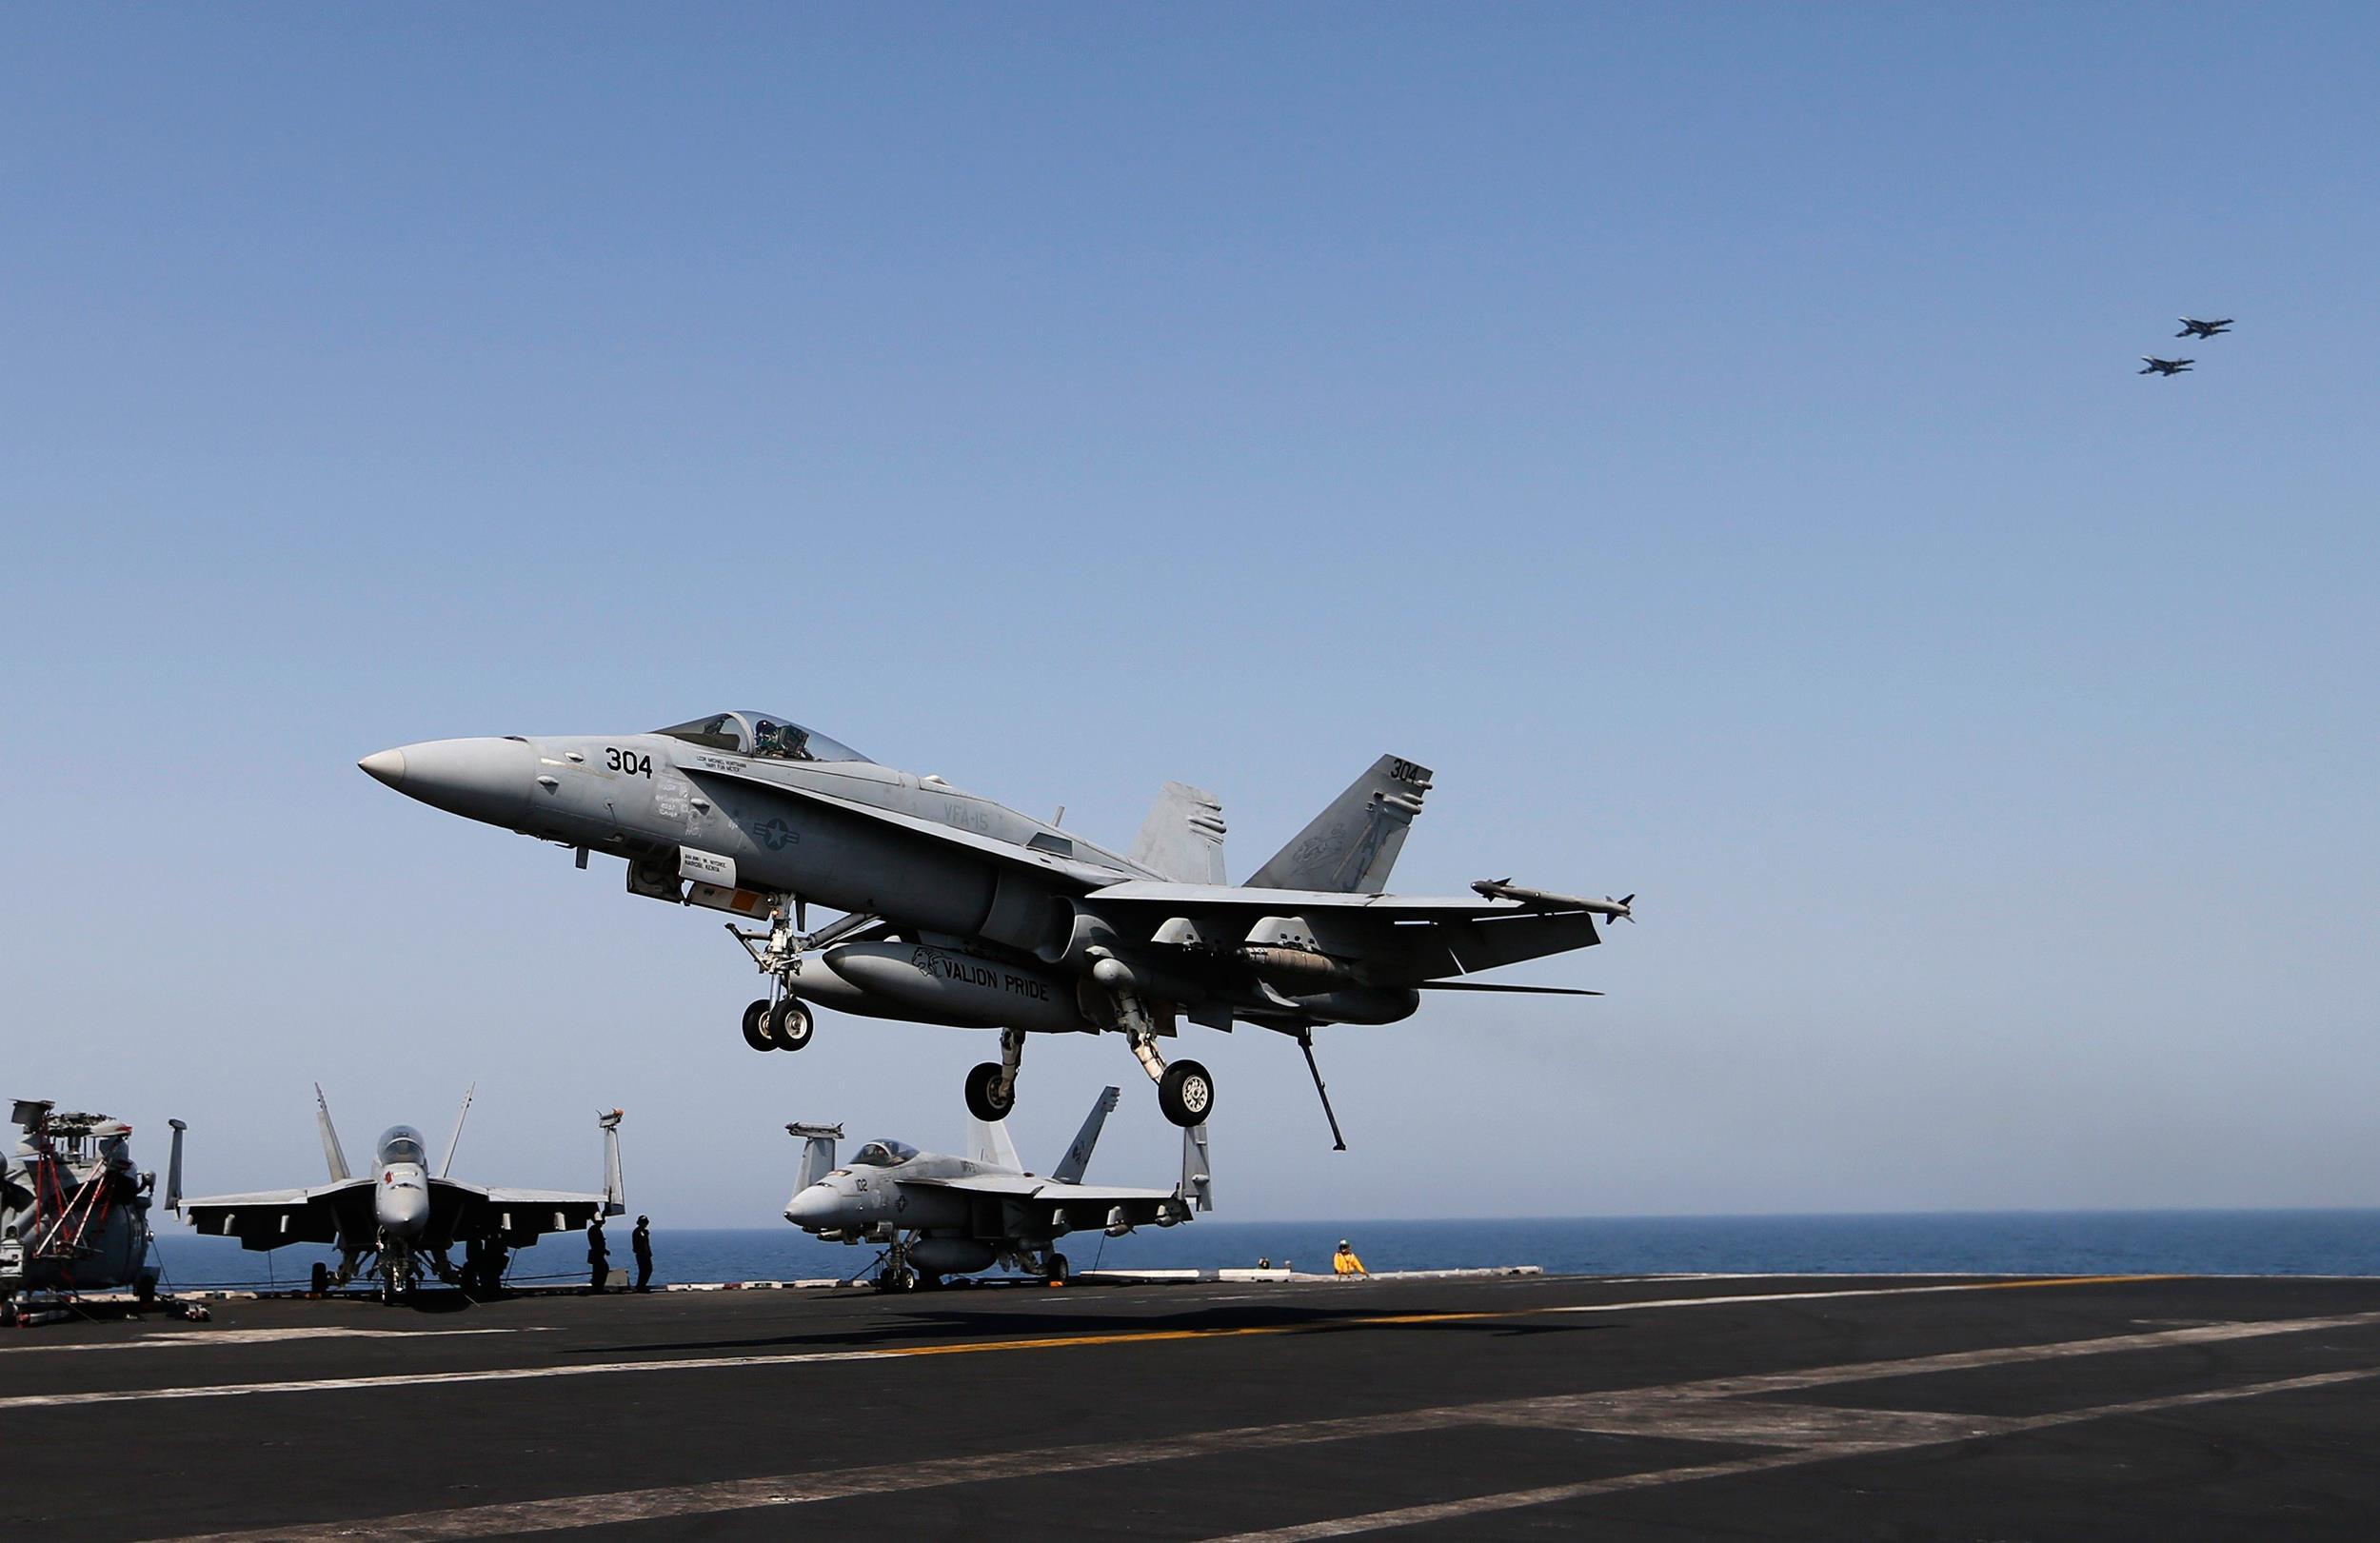 Dois F/A-18 Hornets do USS Carl Vinson (CVN-70) colidiram e cairam no oeste do Pacífico entre o Havaí e Guam